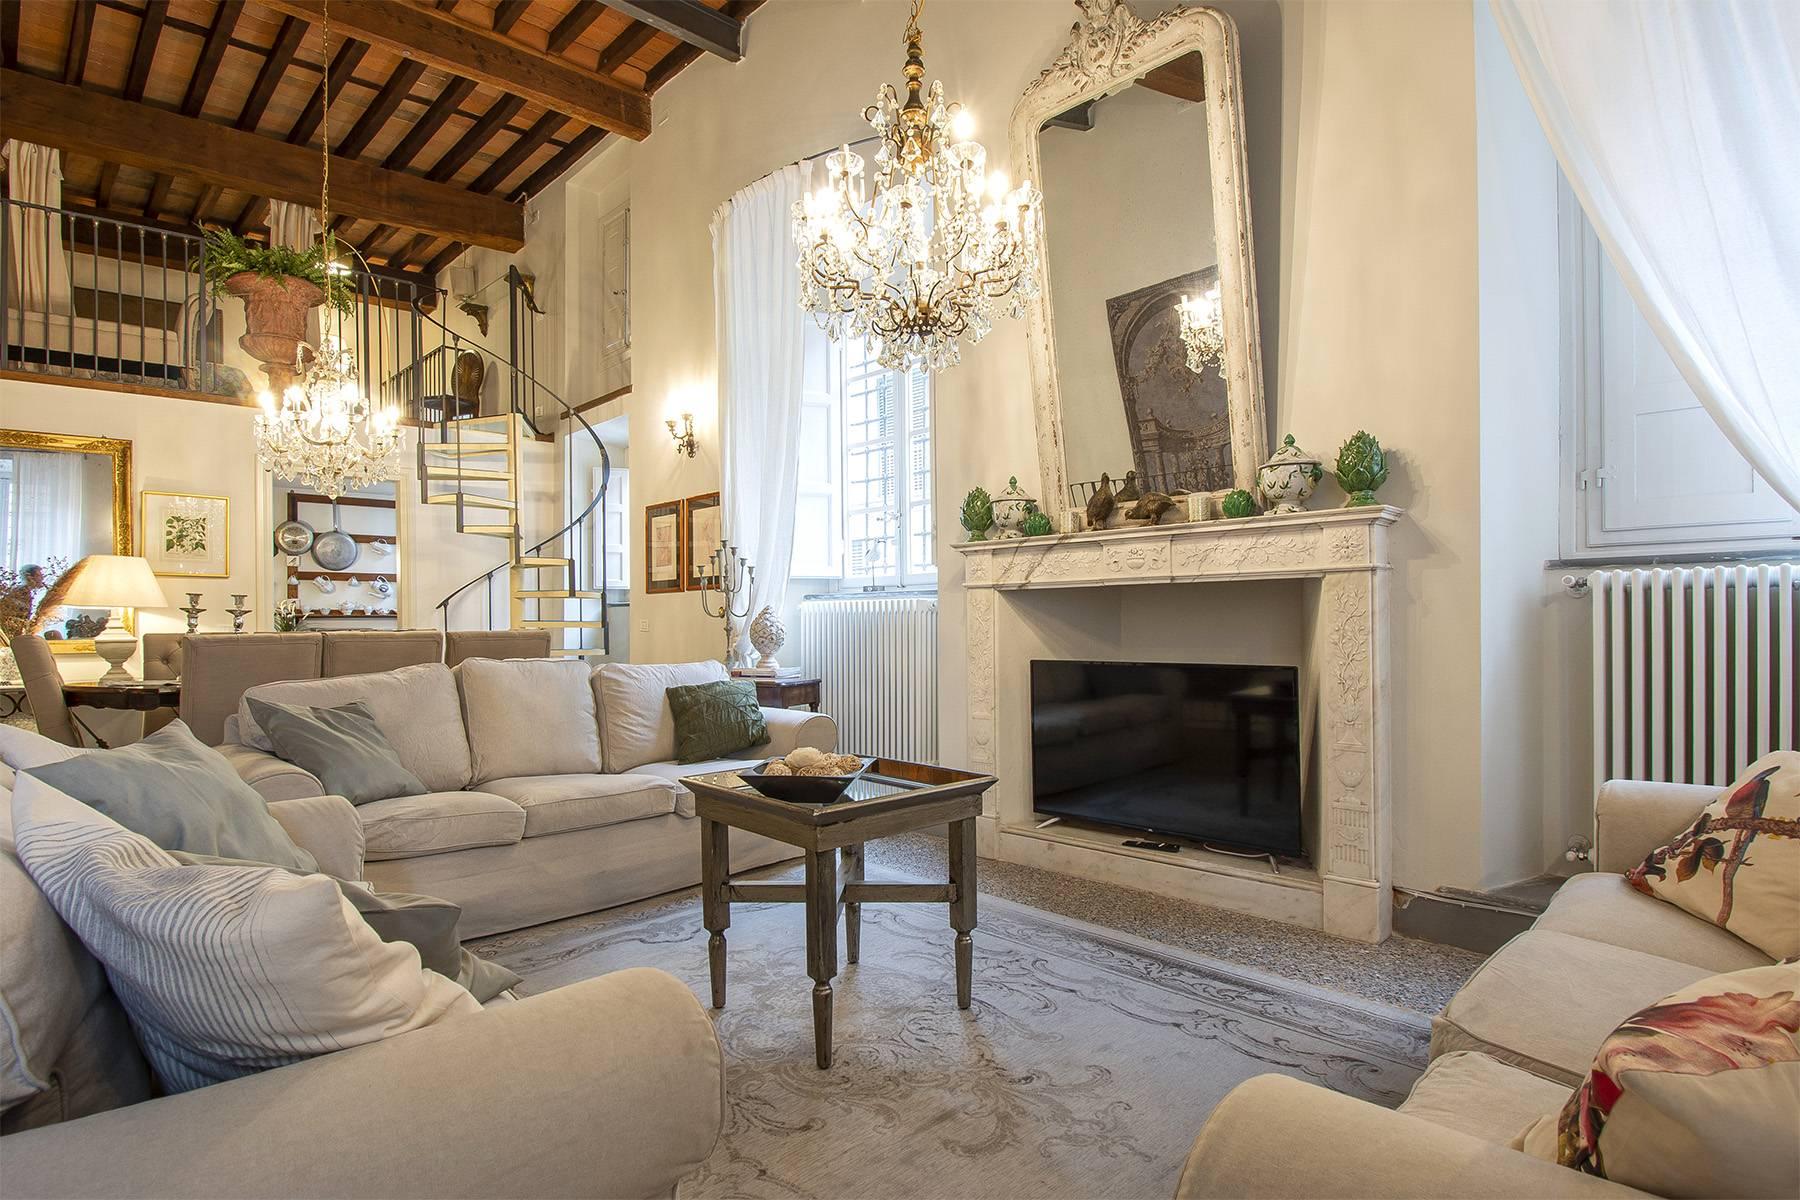 Appartamento in Vendita a Lucca: 5 locali, 167 mq - Foto 3